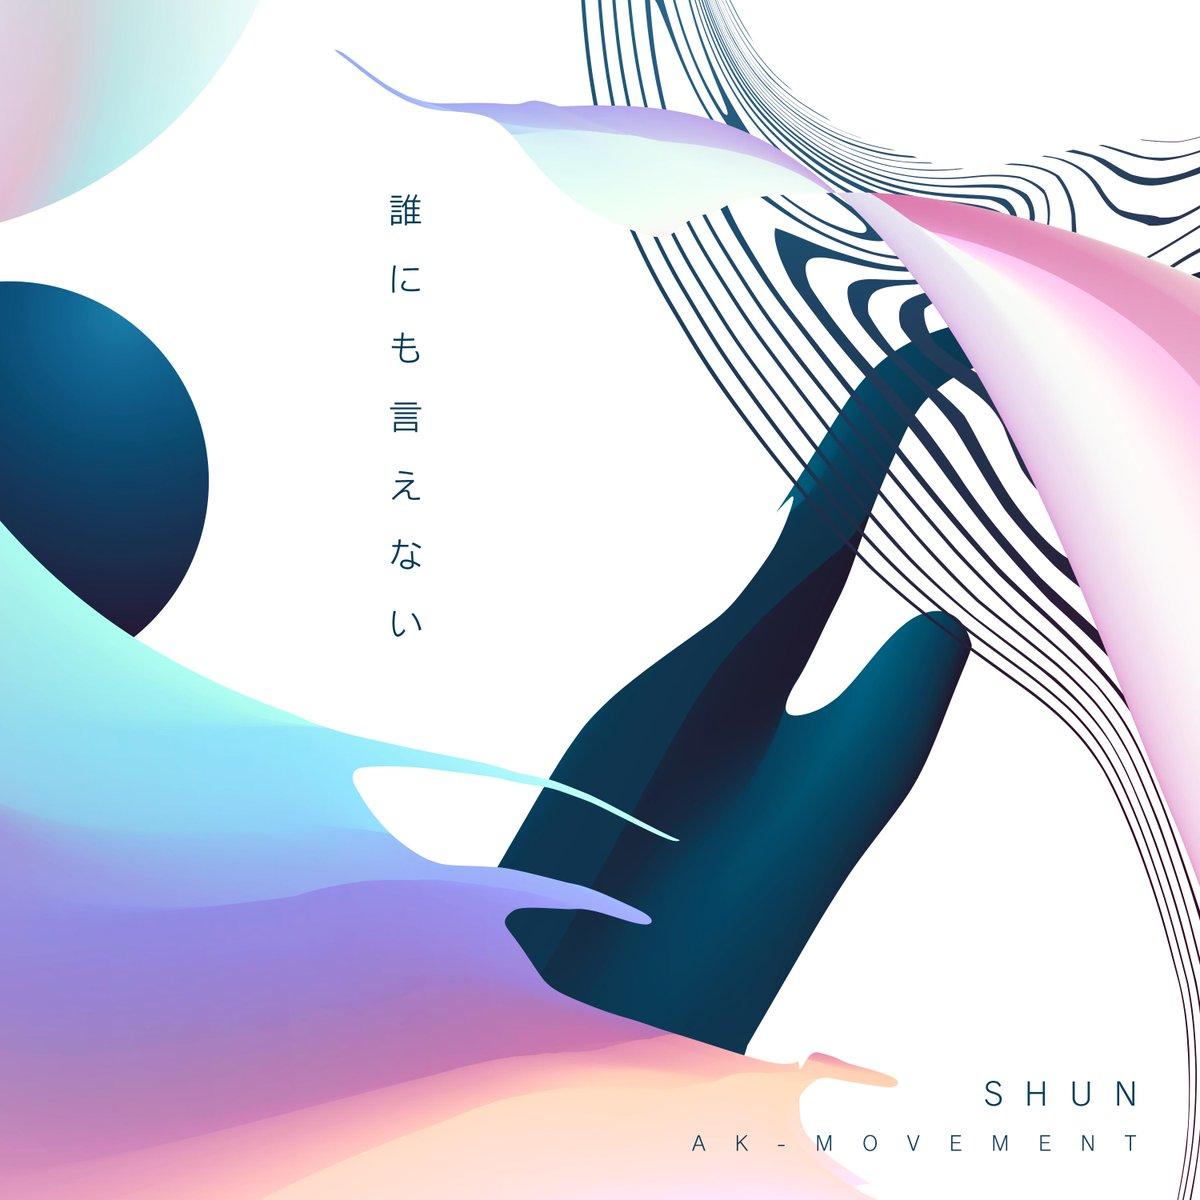 東のギャルチューンマスターSHUNによる、約1年ぶりのシングル『誰にも言えない』がリリース!!ミュージックビデオ...